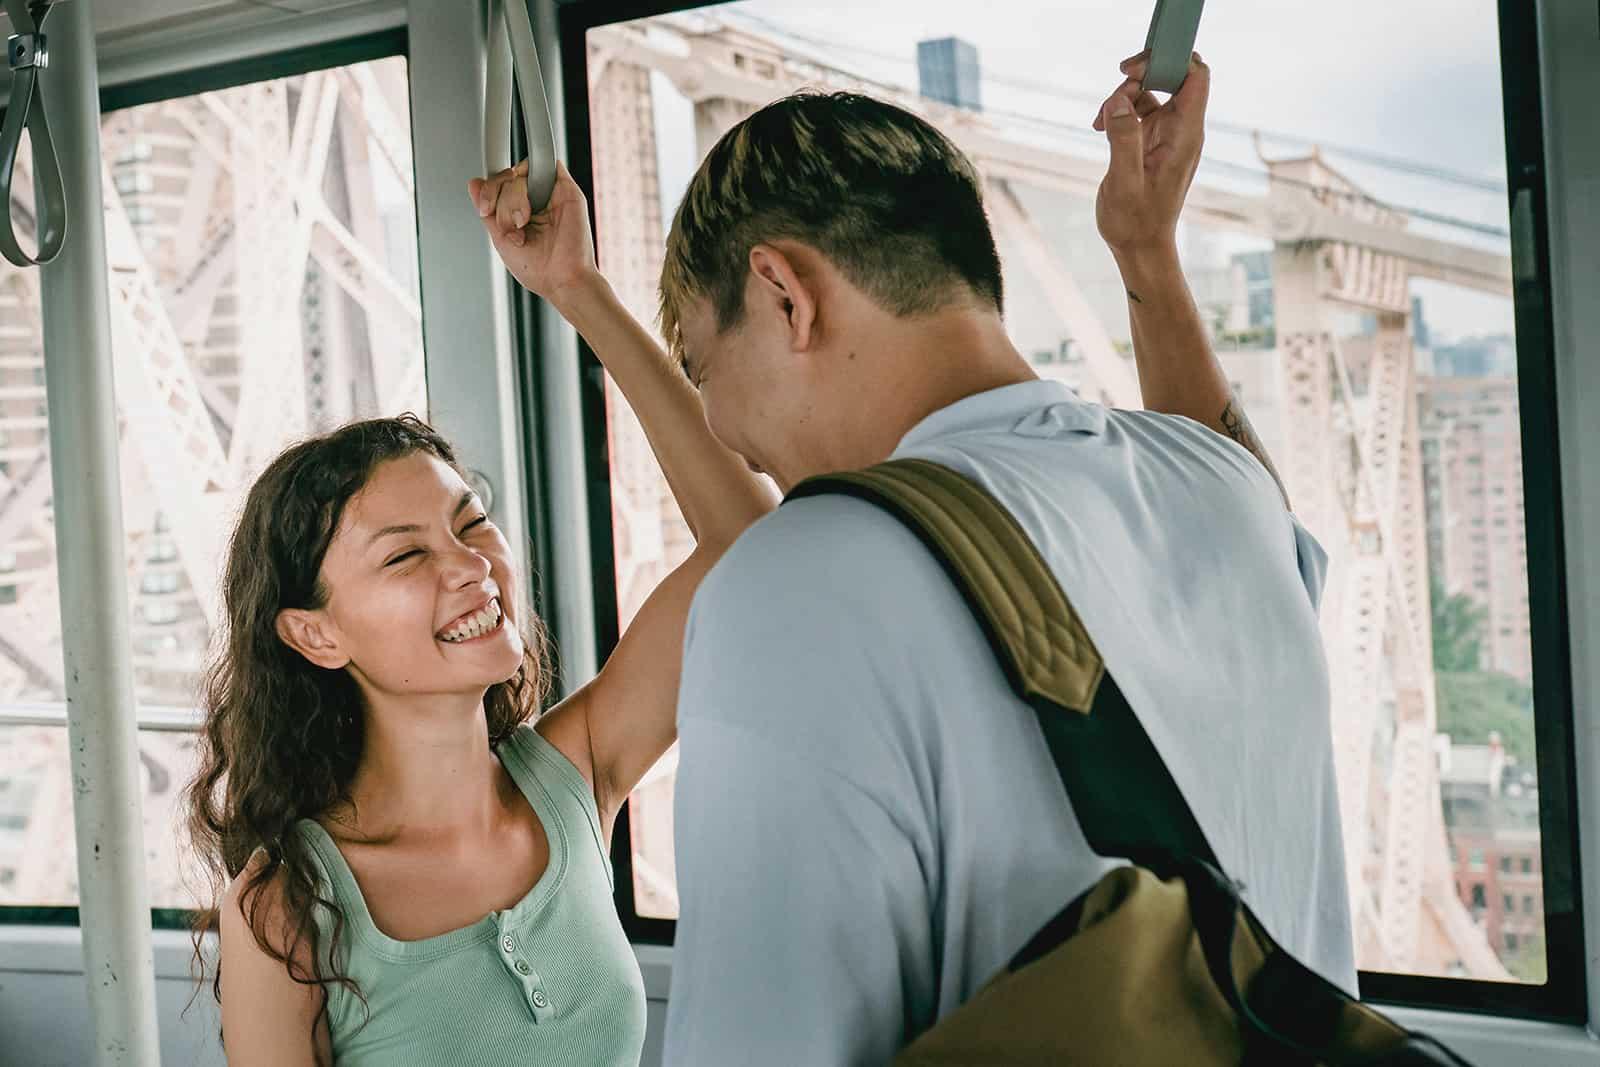 fröhliches Paar, das Seilbahn fährt und lacht